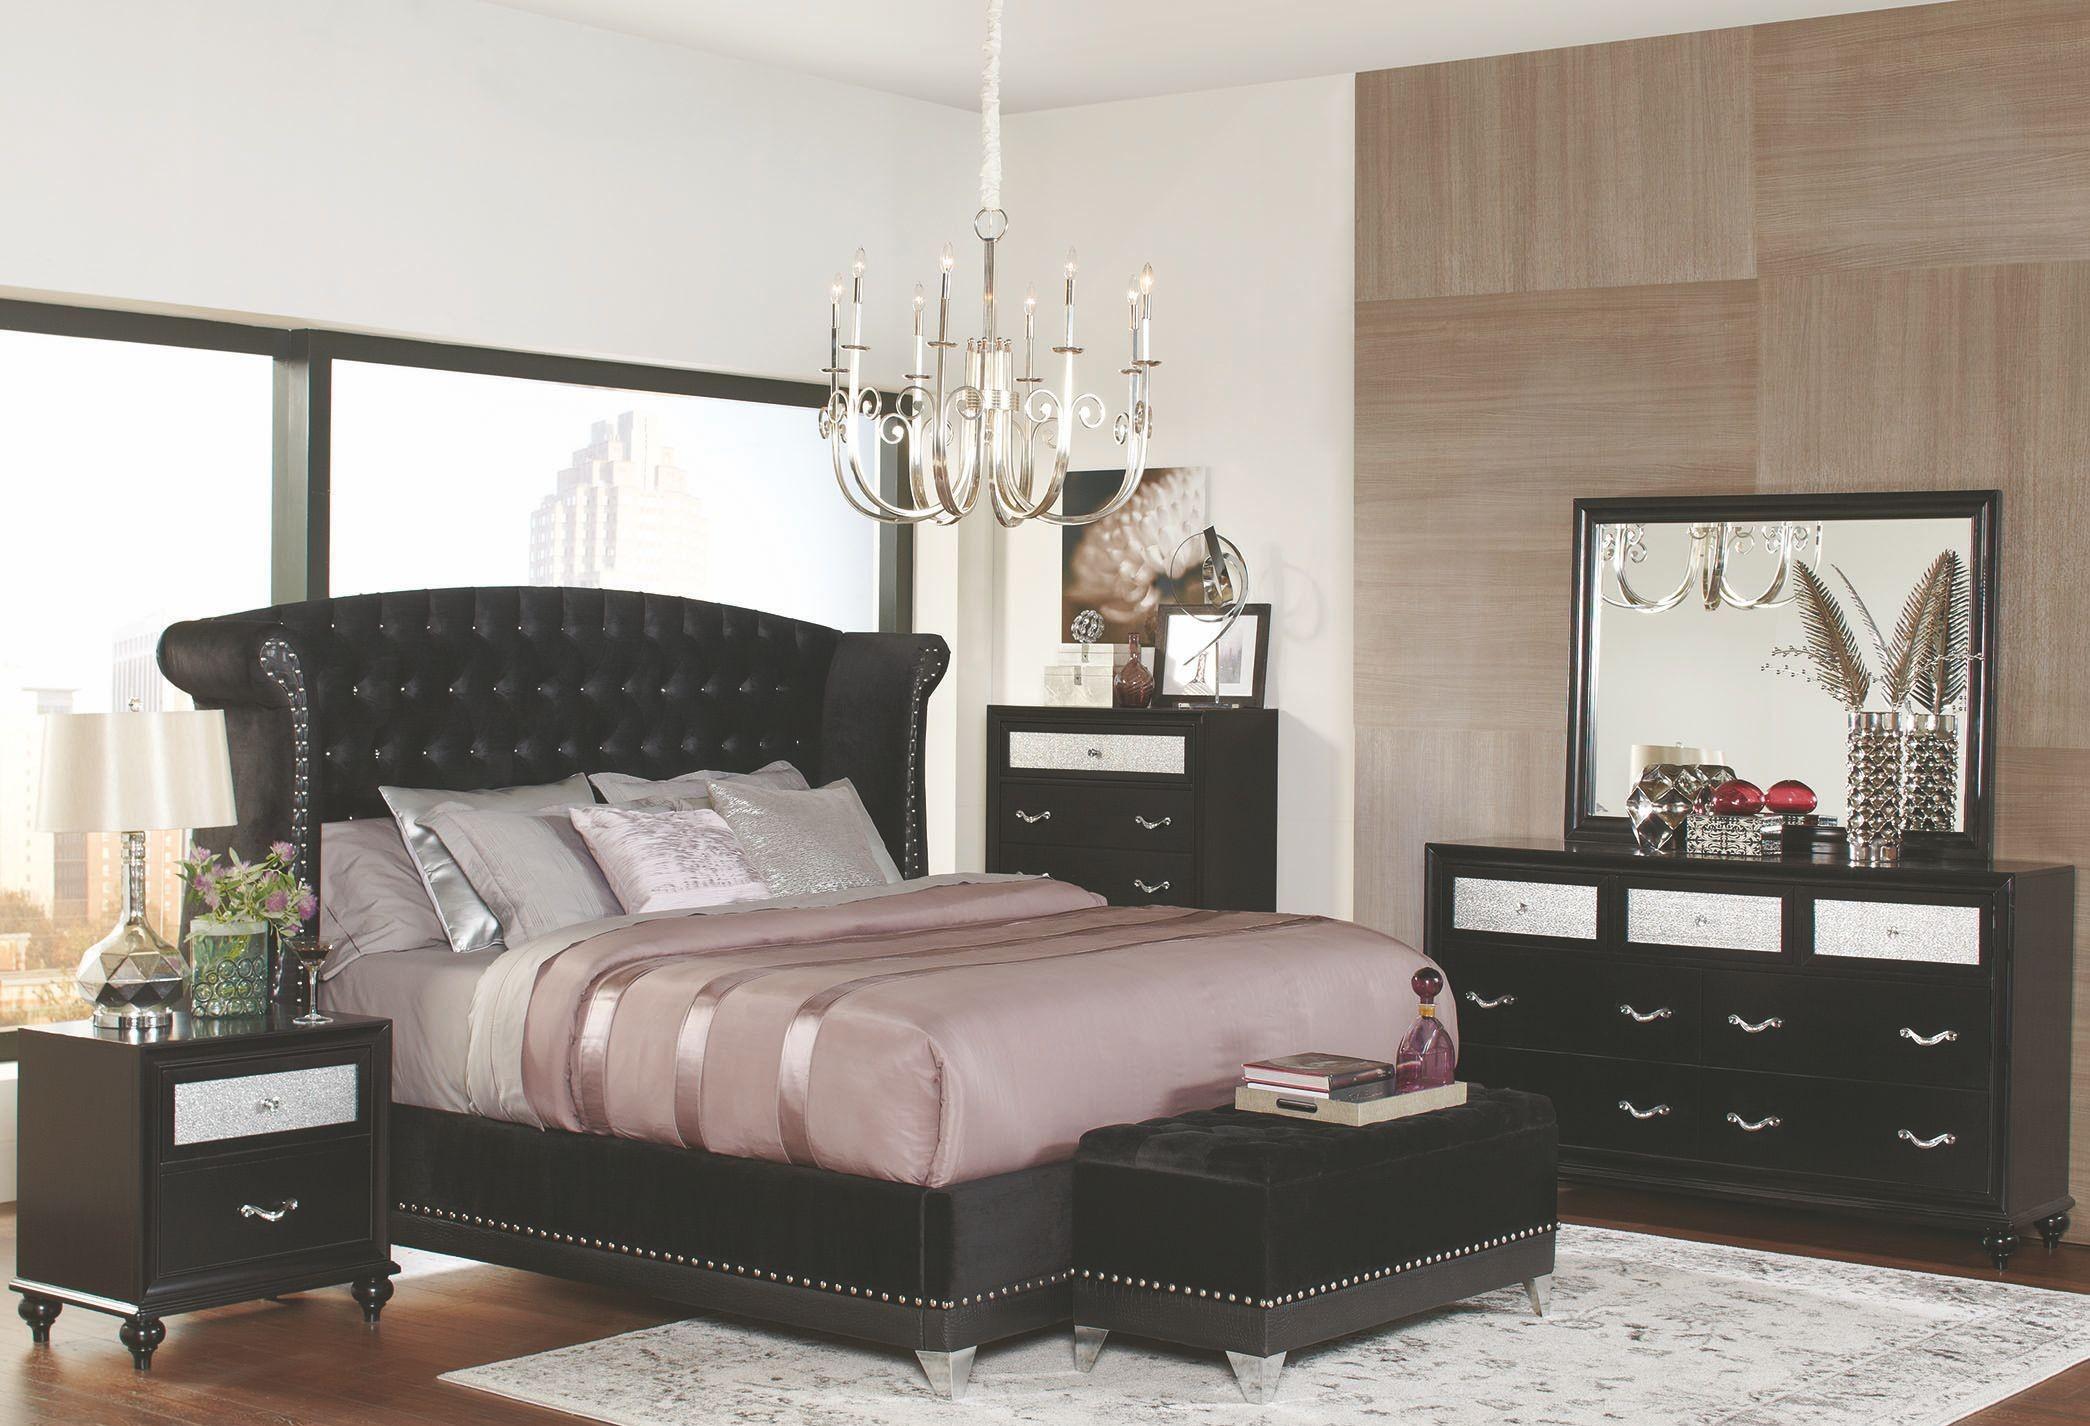 Barzini Black Upholstered Queen Upholstered Platform Bed ...